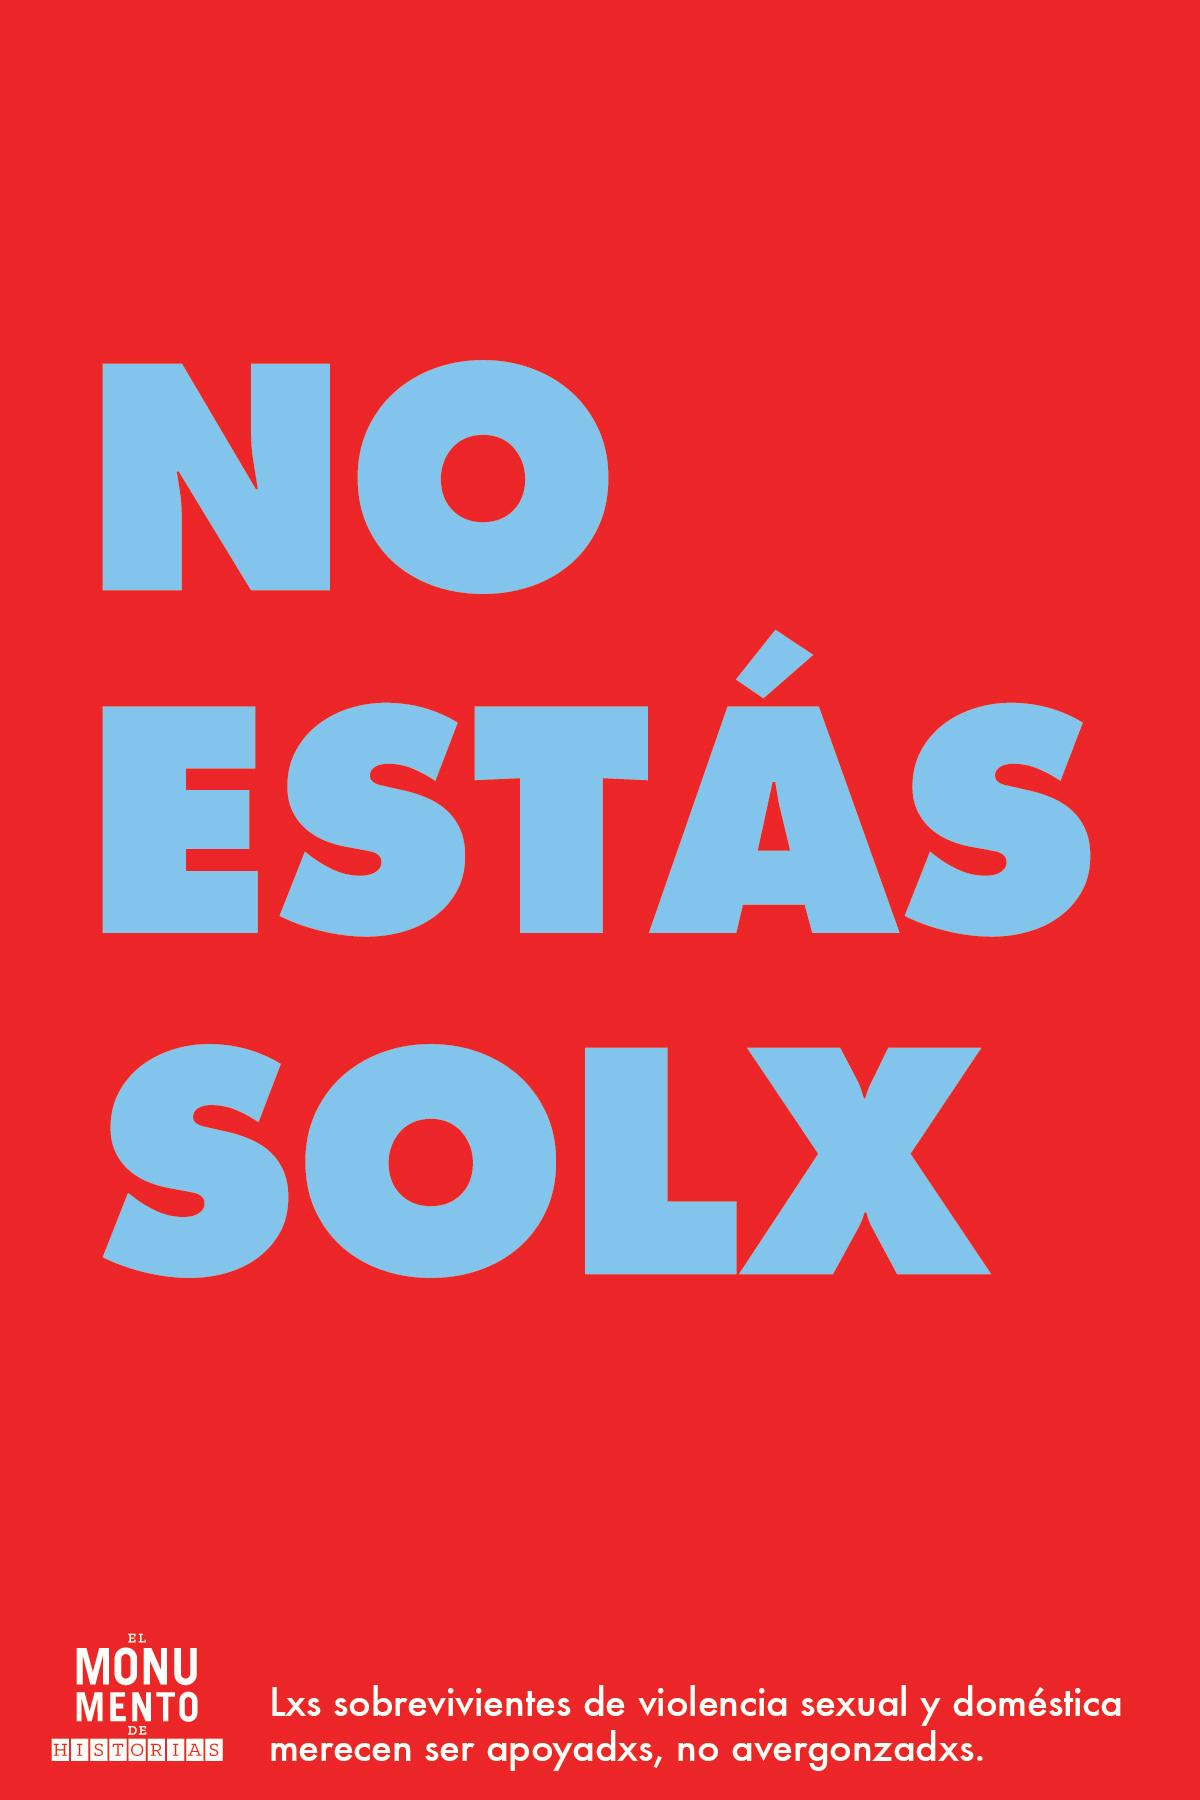 NO ESTAS SOLX